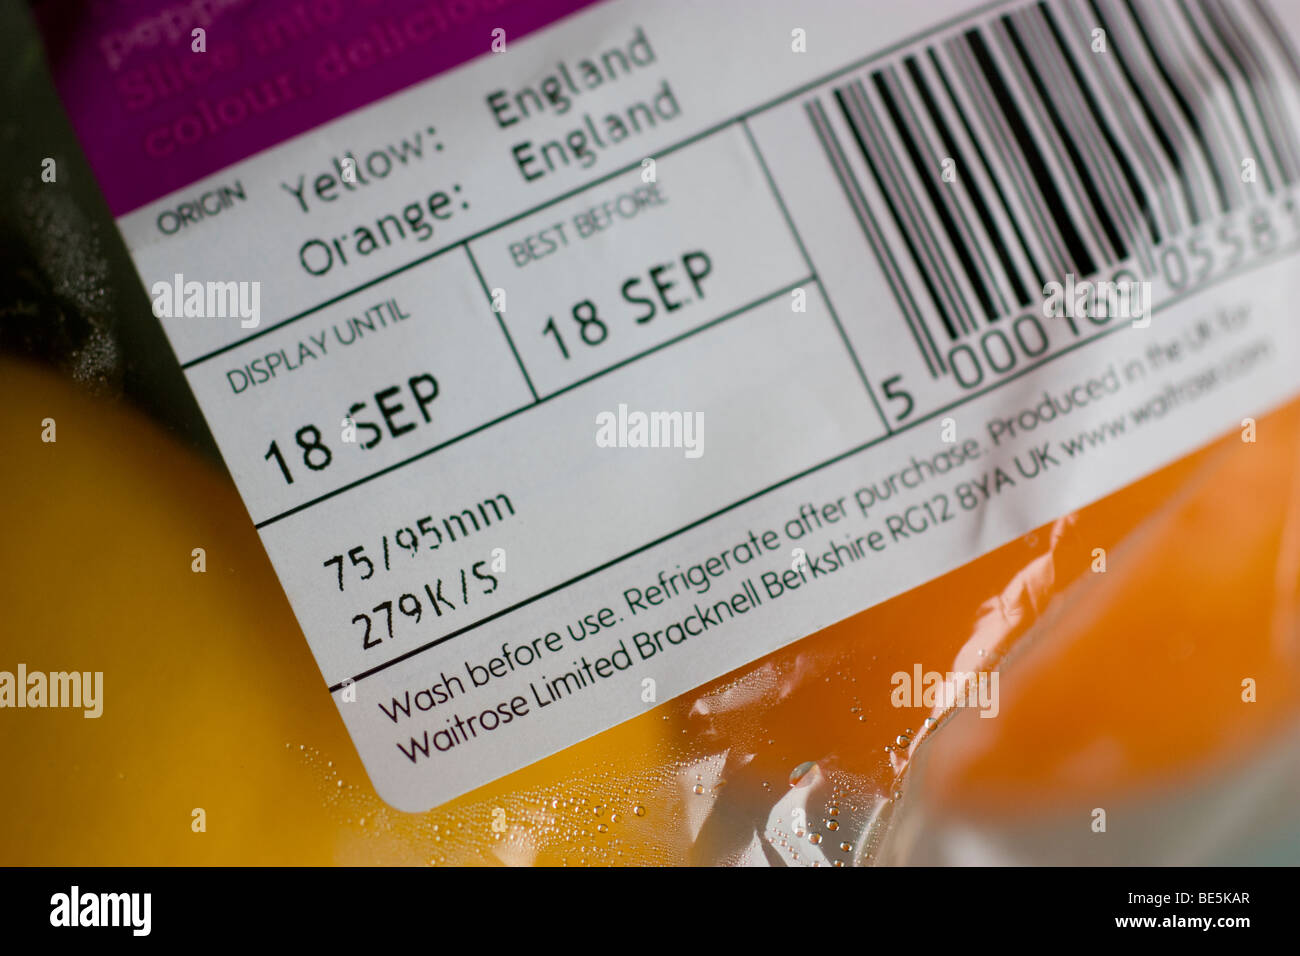 London Food Packaging Ltd